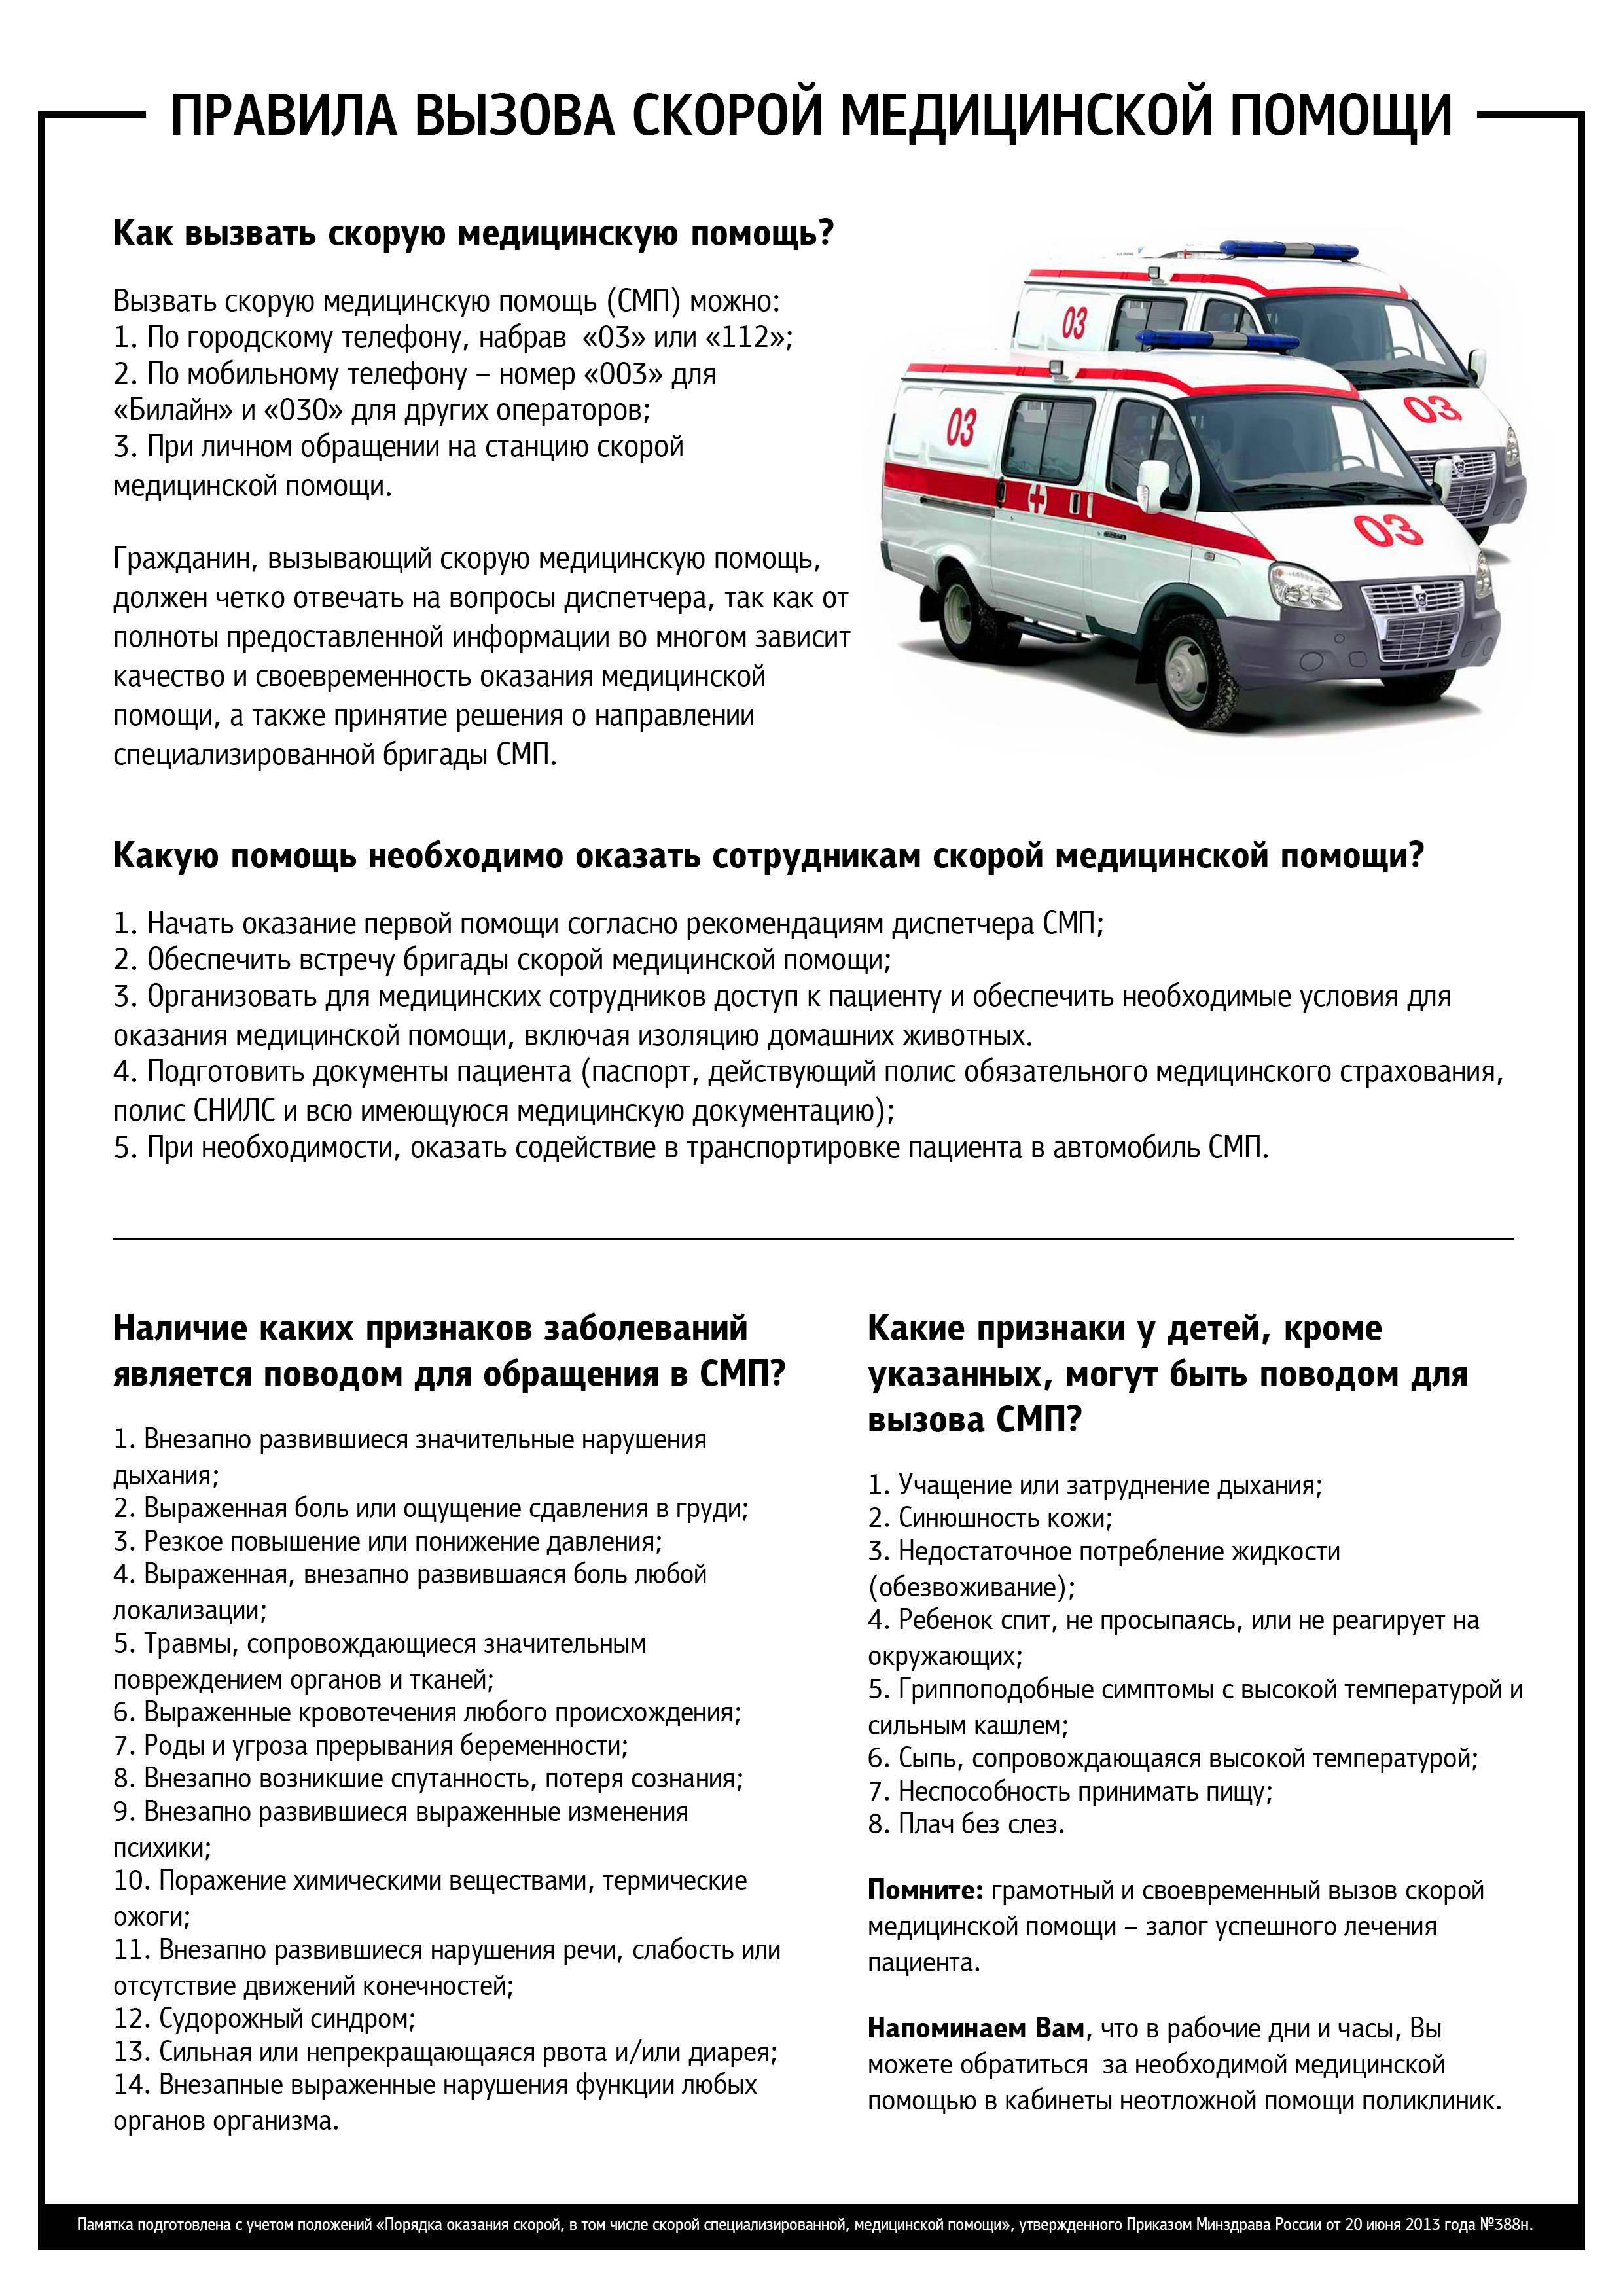 Поводы для вызова скорой помощи детям